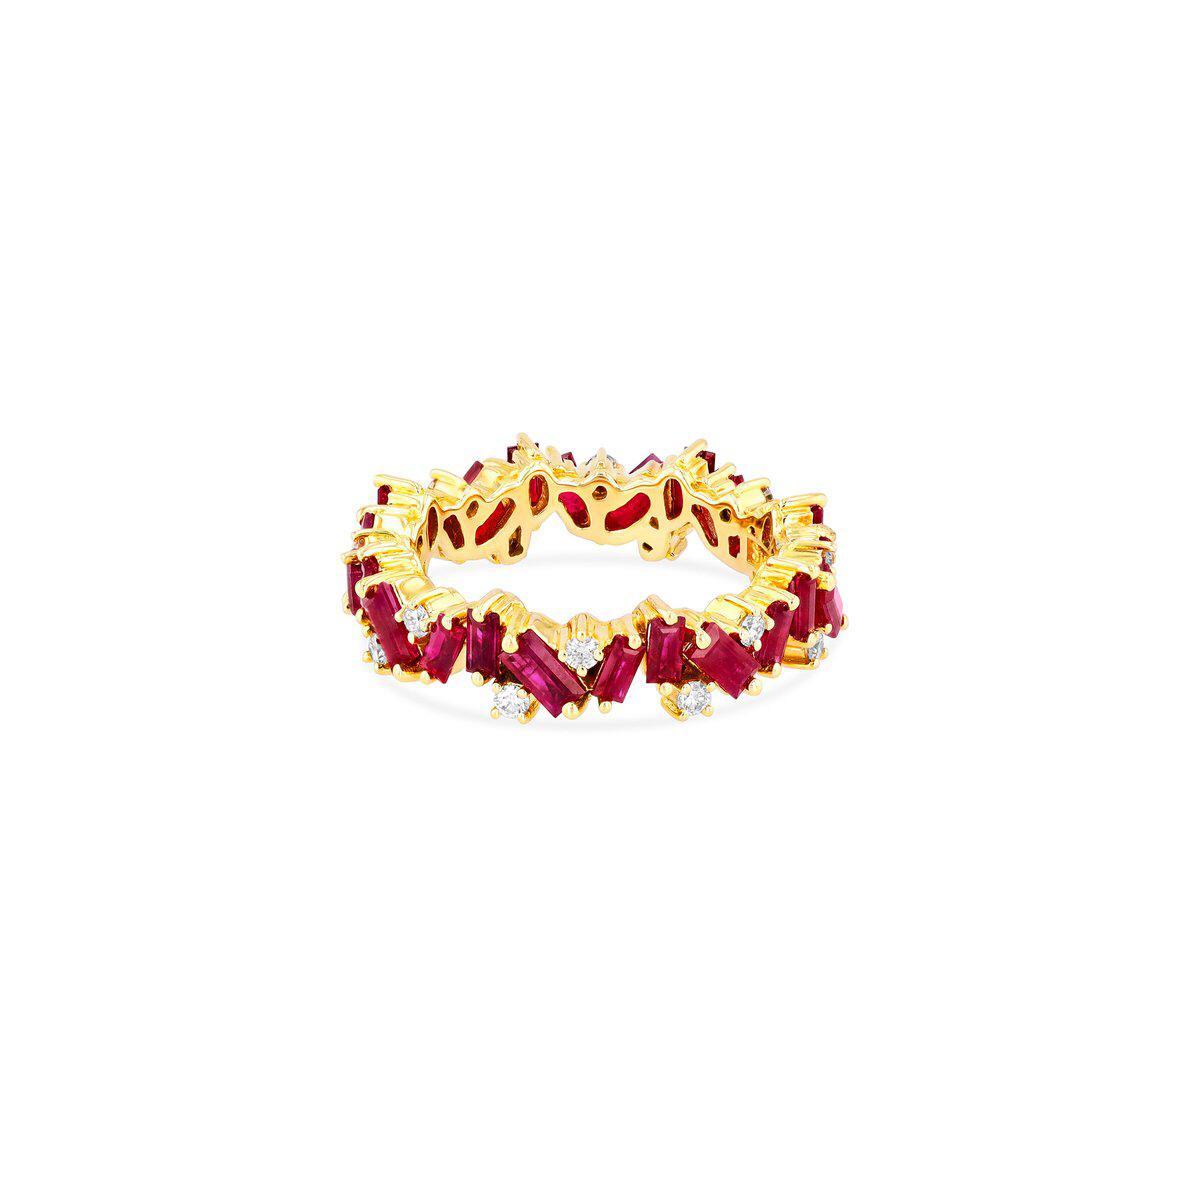 خاتم سلسلة مرصع بالأحجار الكريمة من علامة سوزان كلان Suzanne kalan